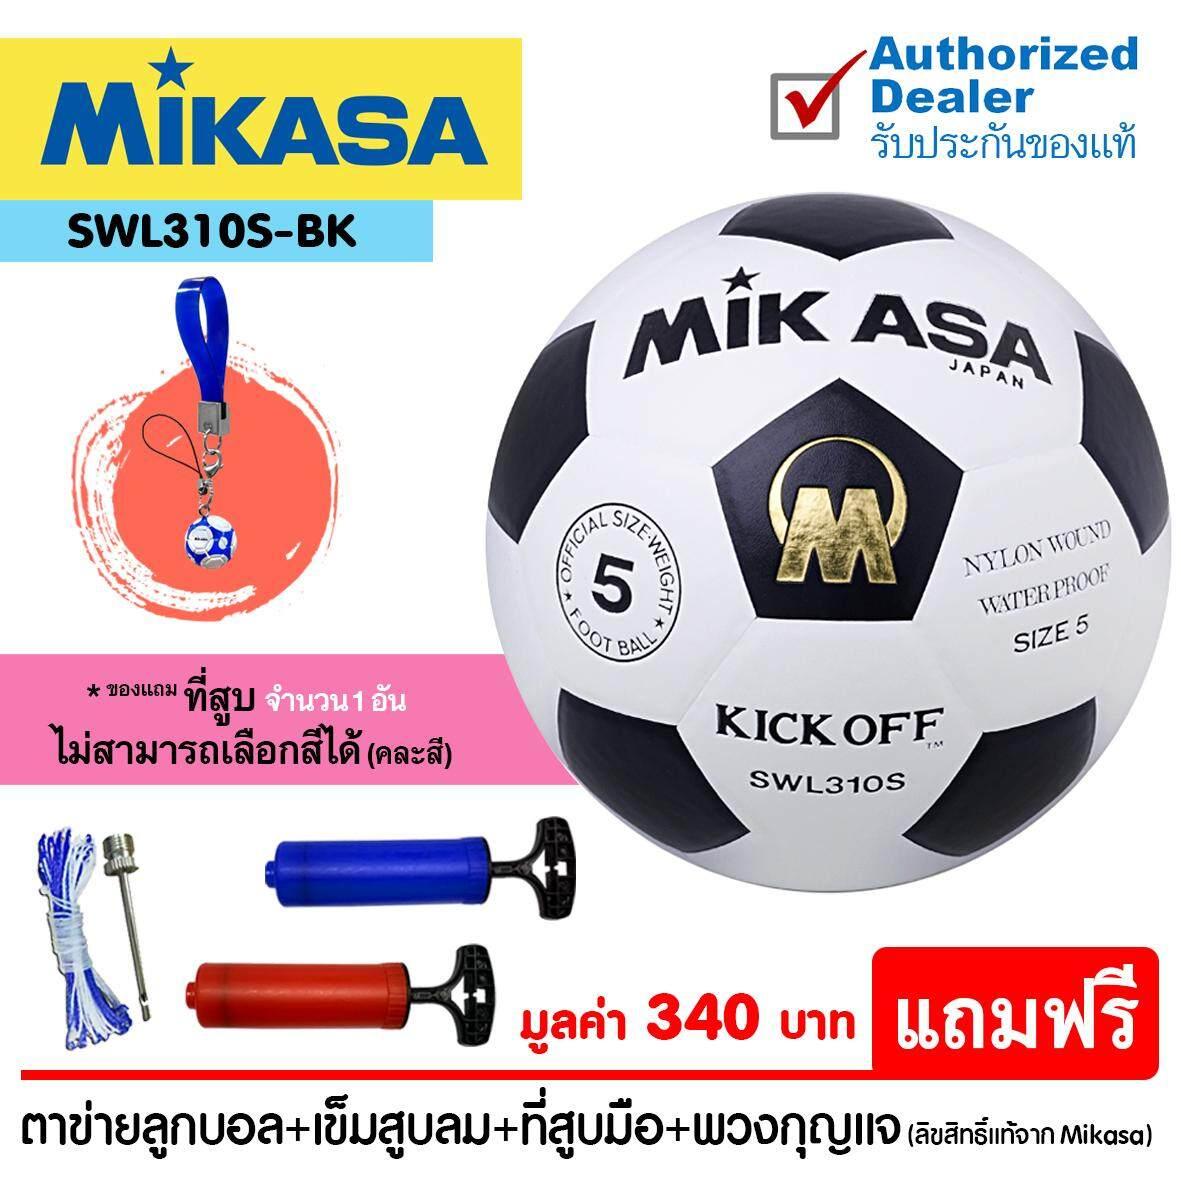 สอนใช้งาน  MIKASA ฟุตบอล Football MKS PVC SWL310S - White/Black แถมฟรี ตาข่ายใส่ลูกฟุตบอล + เข็มสูบสูบลม + สูบมือ SPL รุ่น SL6 สีชมพู + พวงกุญแจ